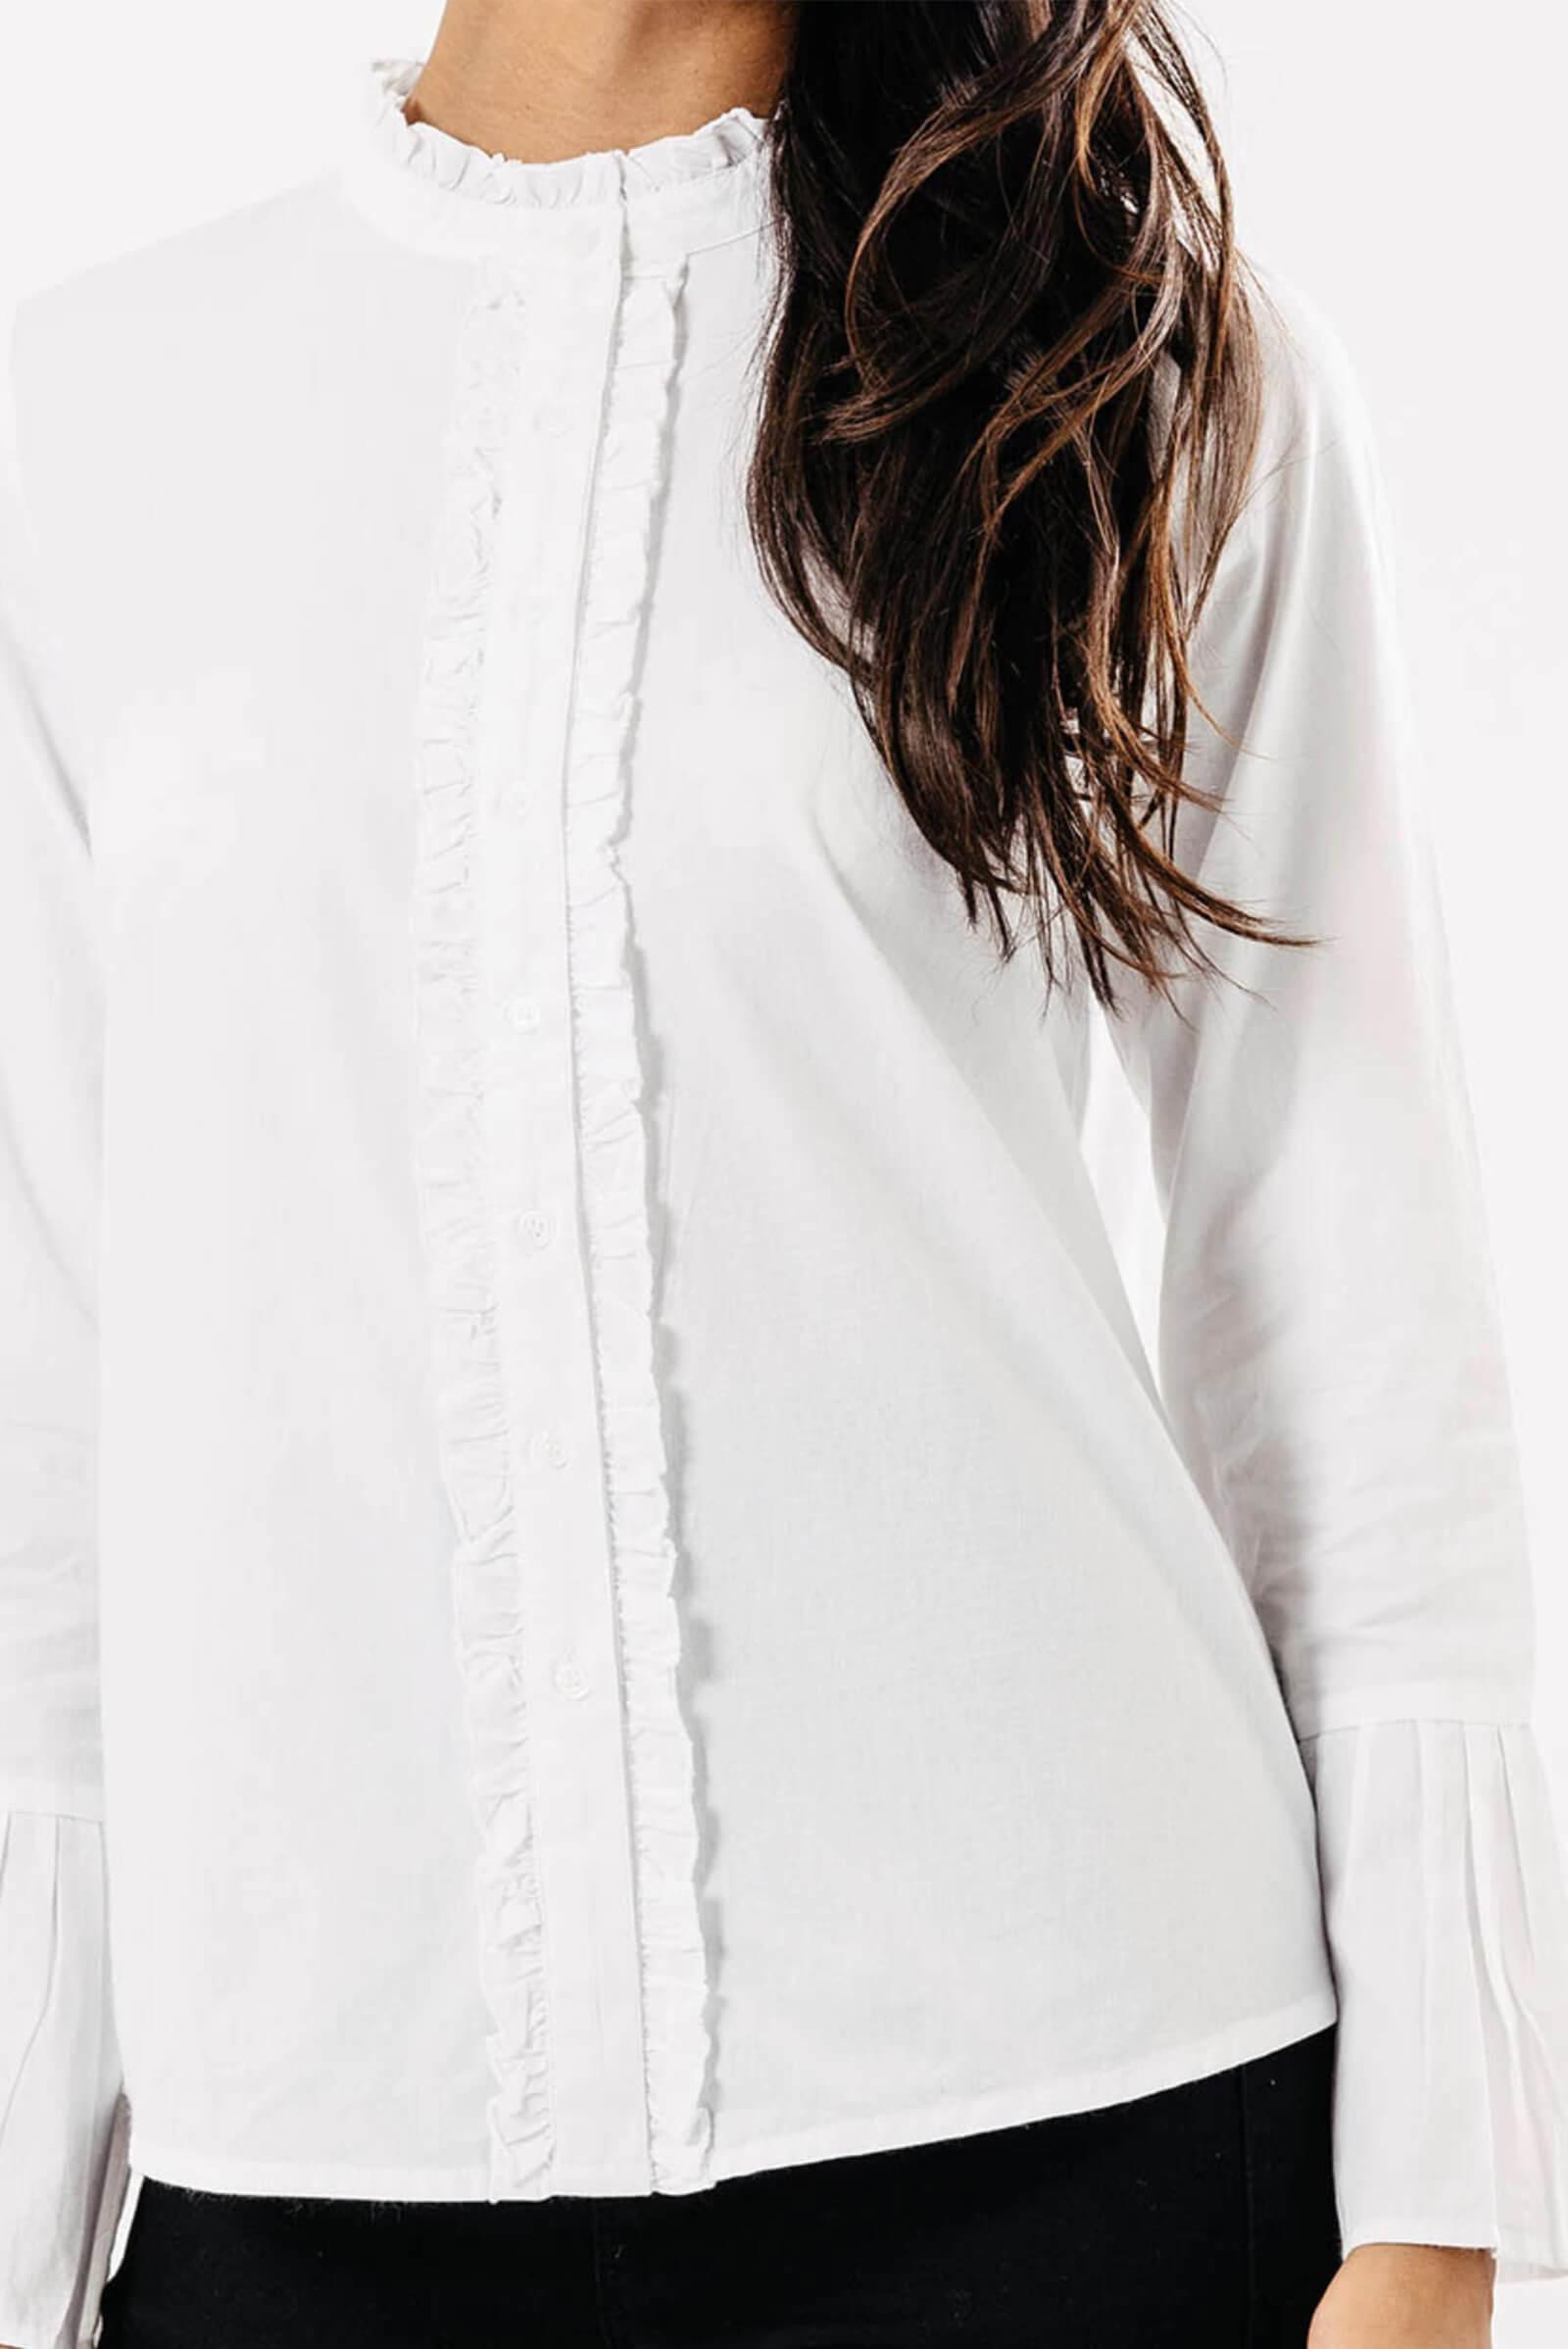 48f0afe95707 Biela dámska košeľa s volánikmi - ROUZIT.SK